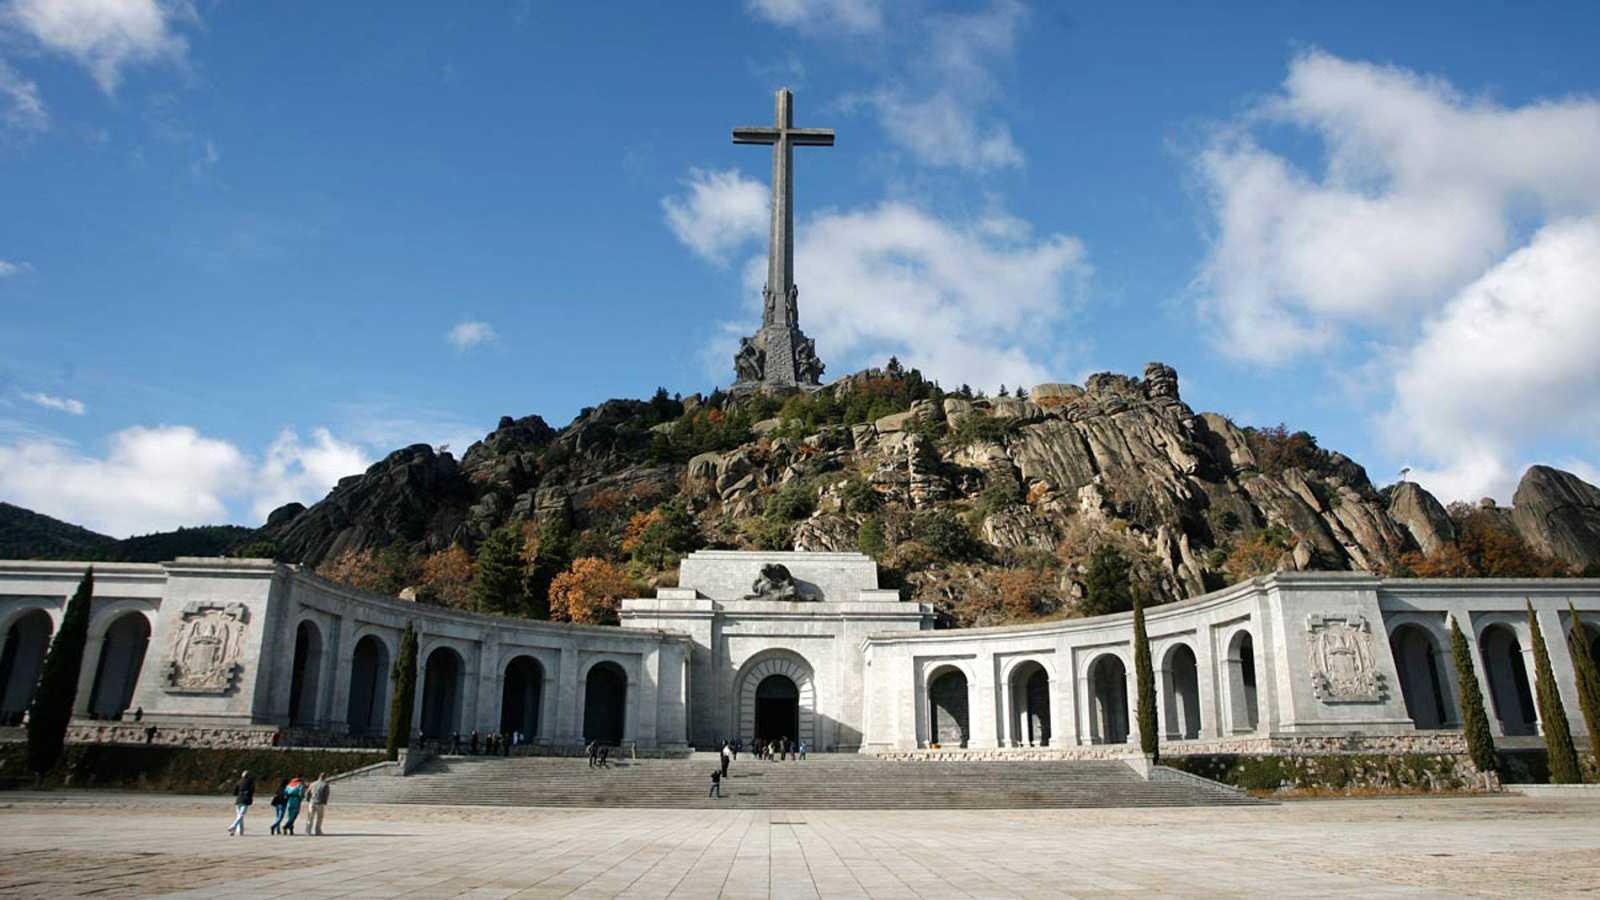 La Justicia suspende de forma cautelar la licencia urbanística para exhumar a Franco